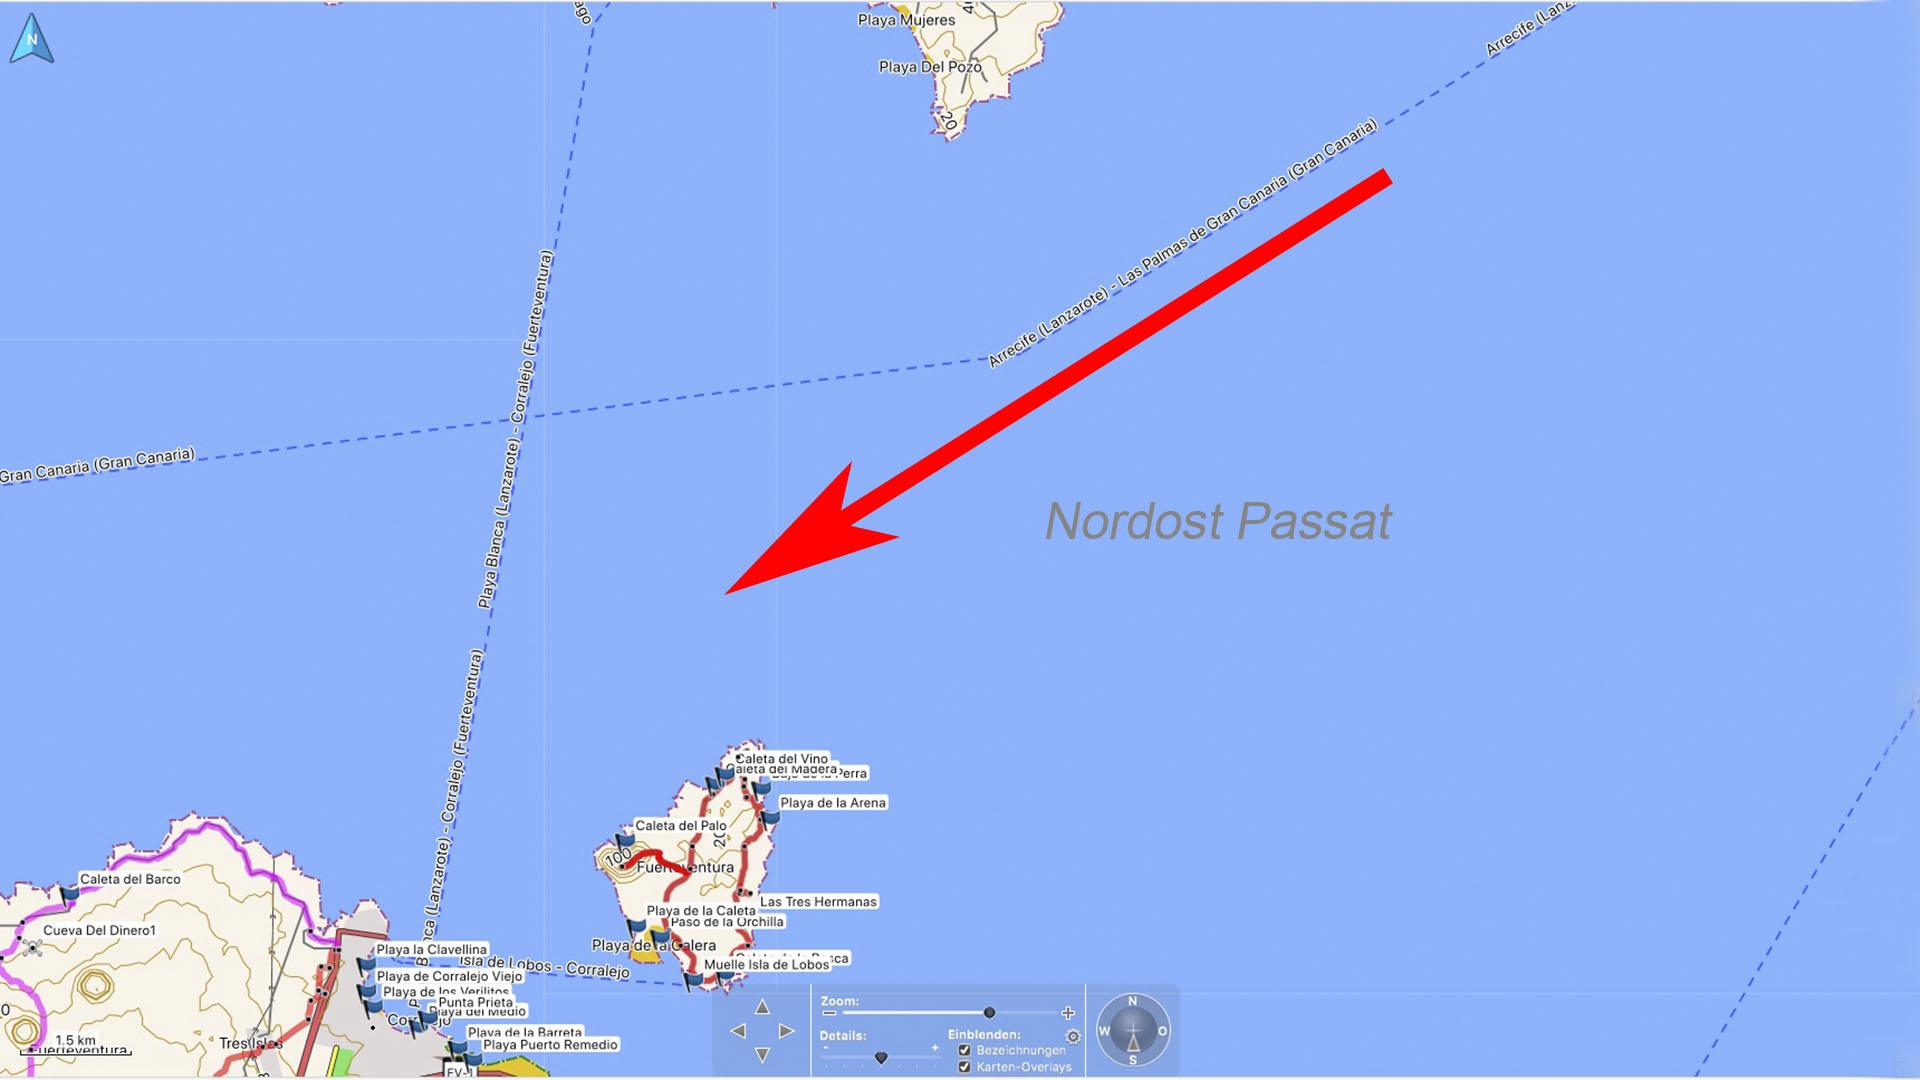 Die Windmühlen von Corralejo Fuerteventura: Der Nordost Passat trifft auf den Norden Fuerteventuras.